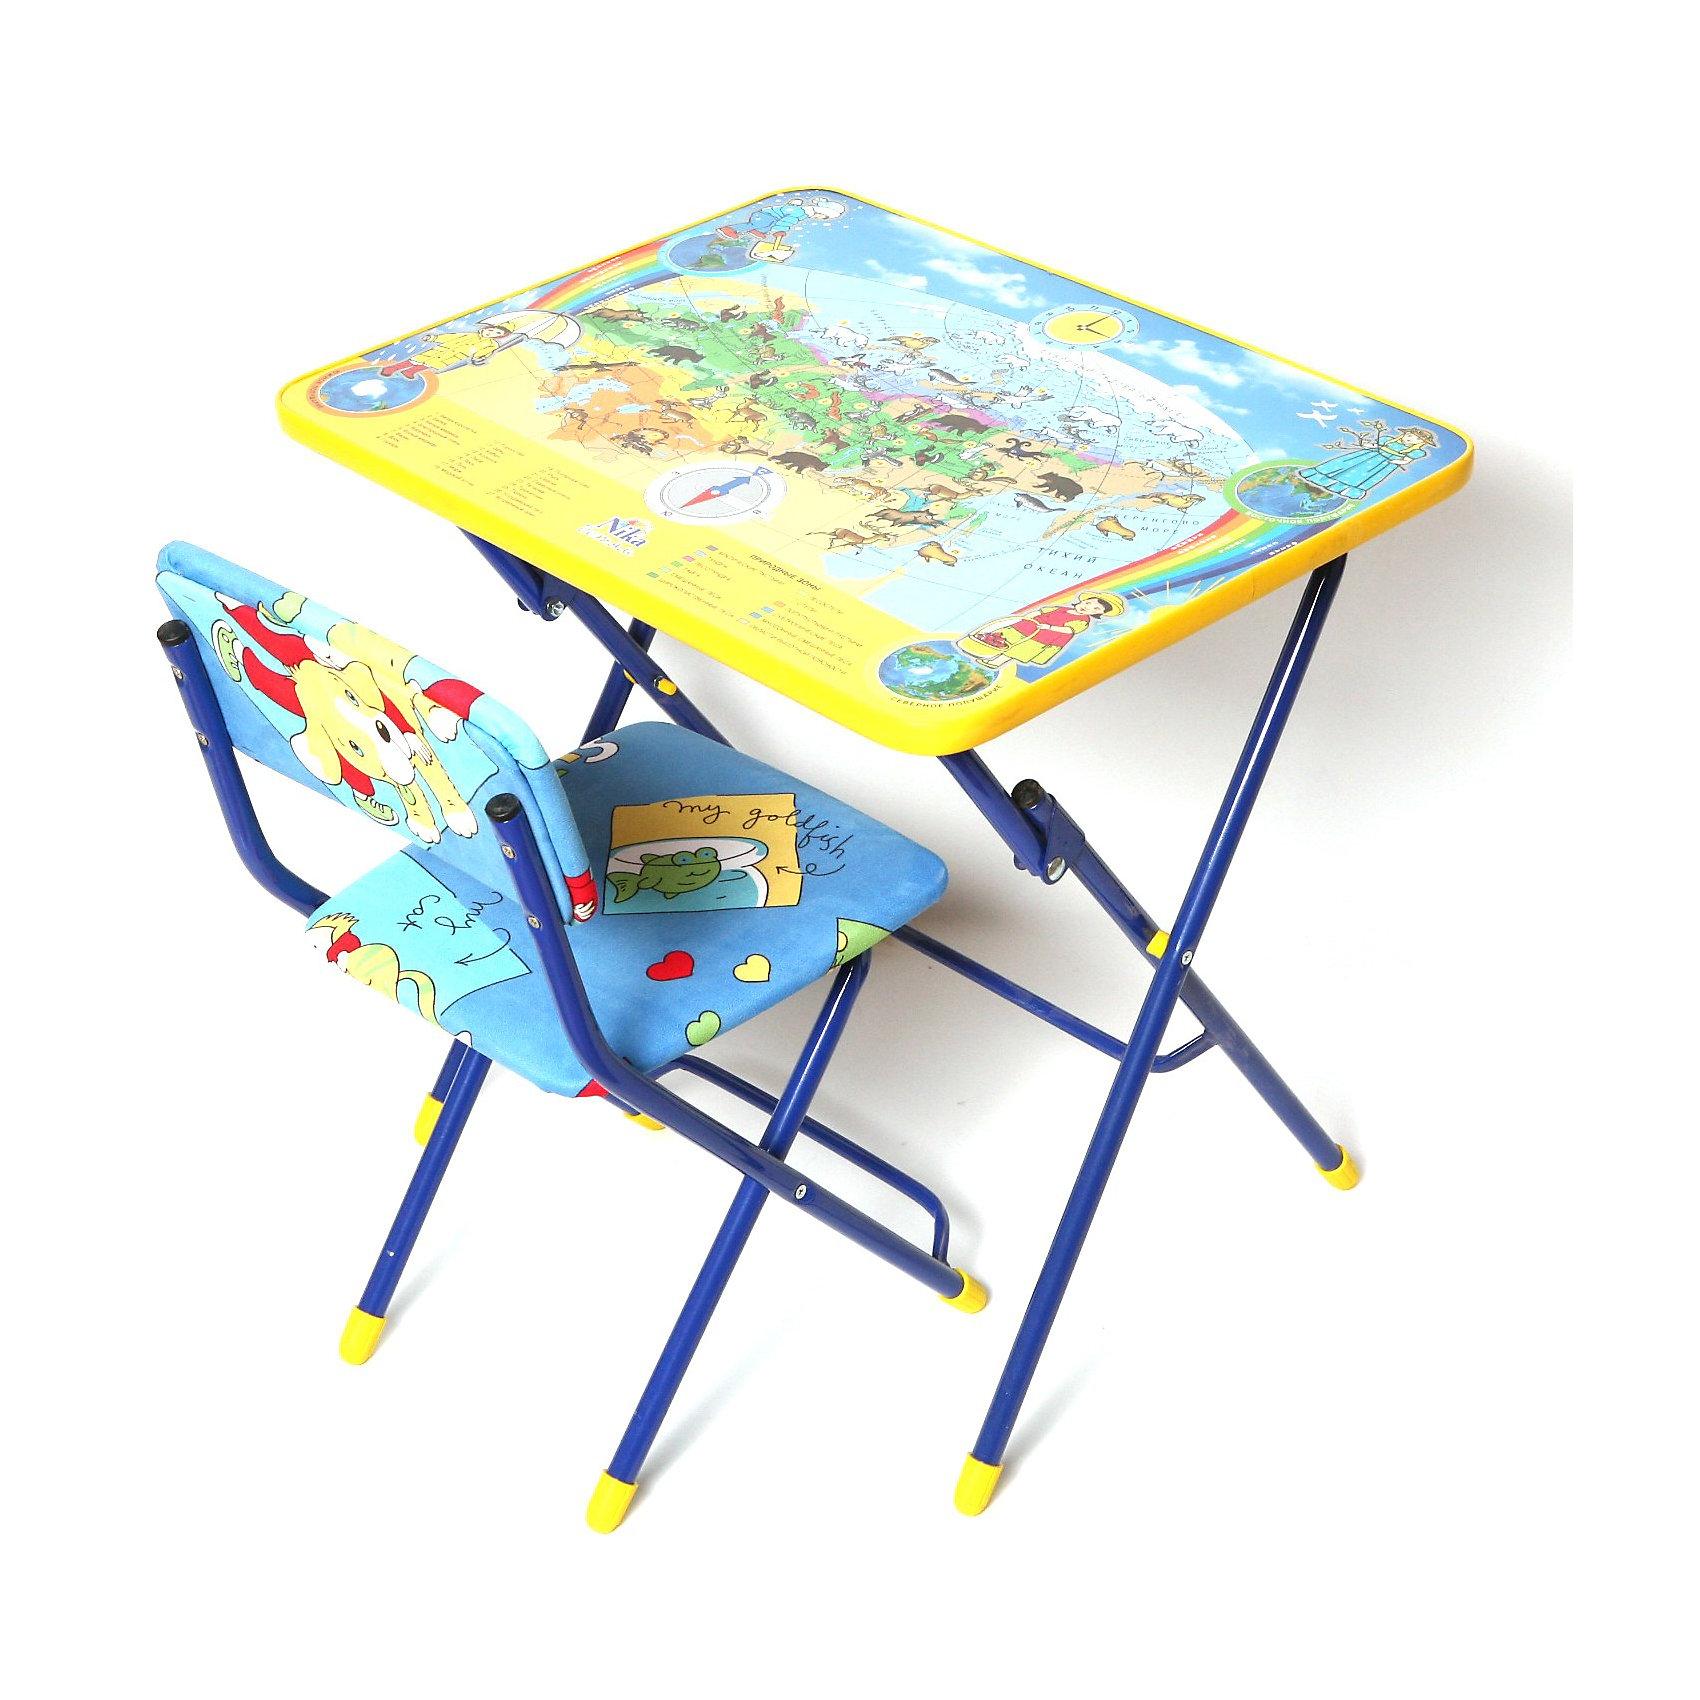 Набор мебели Познаем мир (синий)Столы и стулья<br>Набор детской мебели Познаем мир <br>Цвет - синий<br>На столешнице – изображены географическая карта и животные, которые  водятся в той или иной местности .  По краям карты нарисована радуга: с одной стороны на радуге подписаны цвета, из которых она состоит. С другой – подсказка в виде фразы  «Каждый охотник желает знать, где сидит фазан»  чтобы Ваш ребенок мог  научиться легко запоминать цвета.<br><br>Ширина мм: 600<br>Глубина мм: 580<br>Высота мм: 450<br>Вес г: 8200<br>Возраст от месяцев: 24<br>Возраст до месяцев: 96<br>Пол: Унисекс<br>Возраст: Детский<br>SKU: 2608016